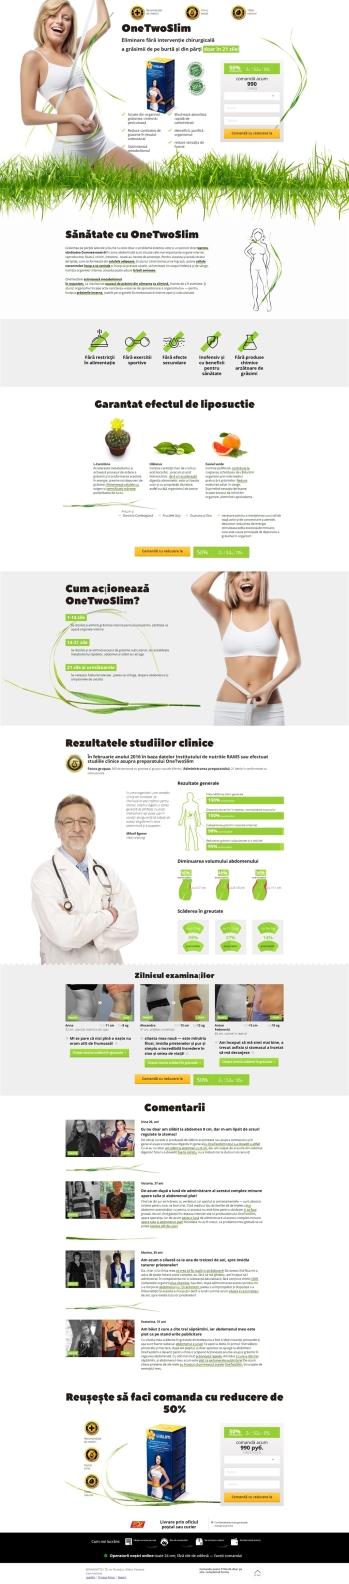 pierdere rapidă în greutate care rămâne oprit)